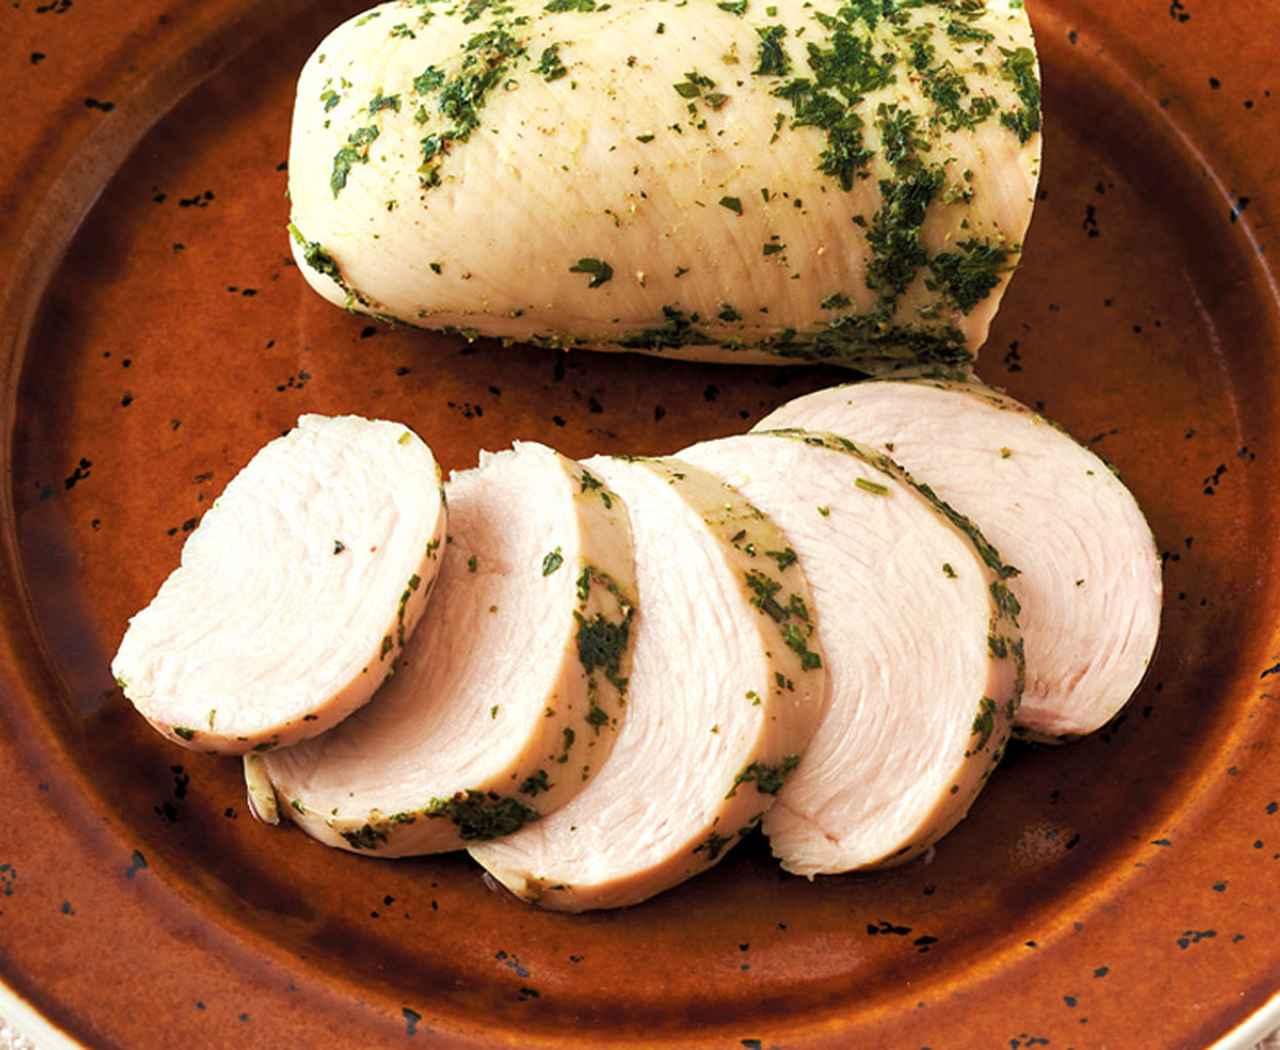 画像1: カンタン低温調理で肉・魚のごちそう 「チキンハーブハム」